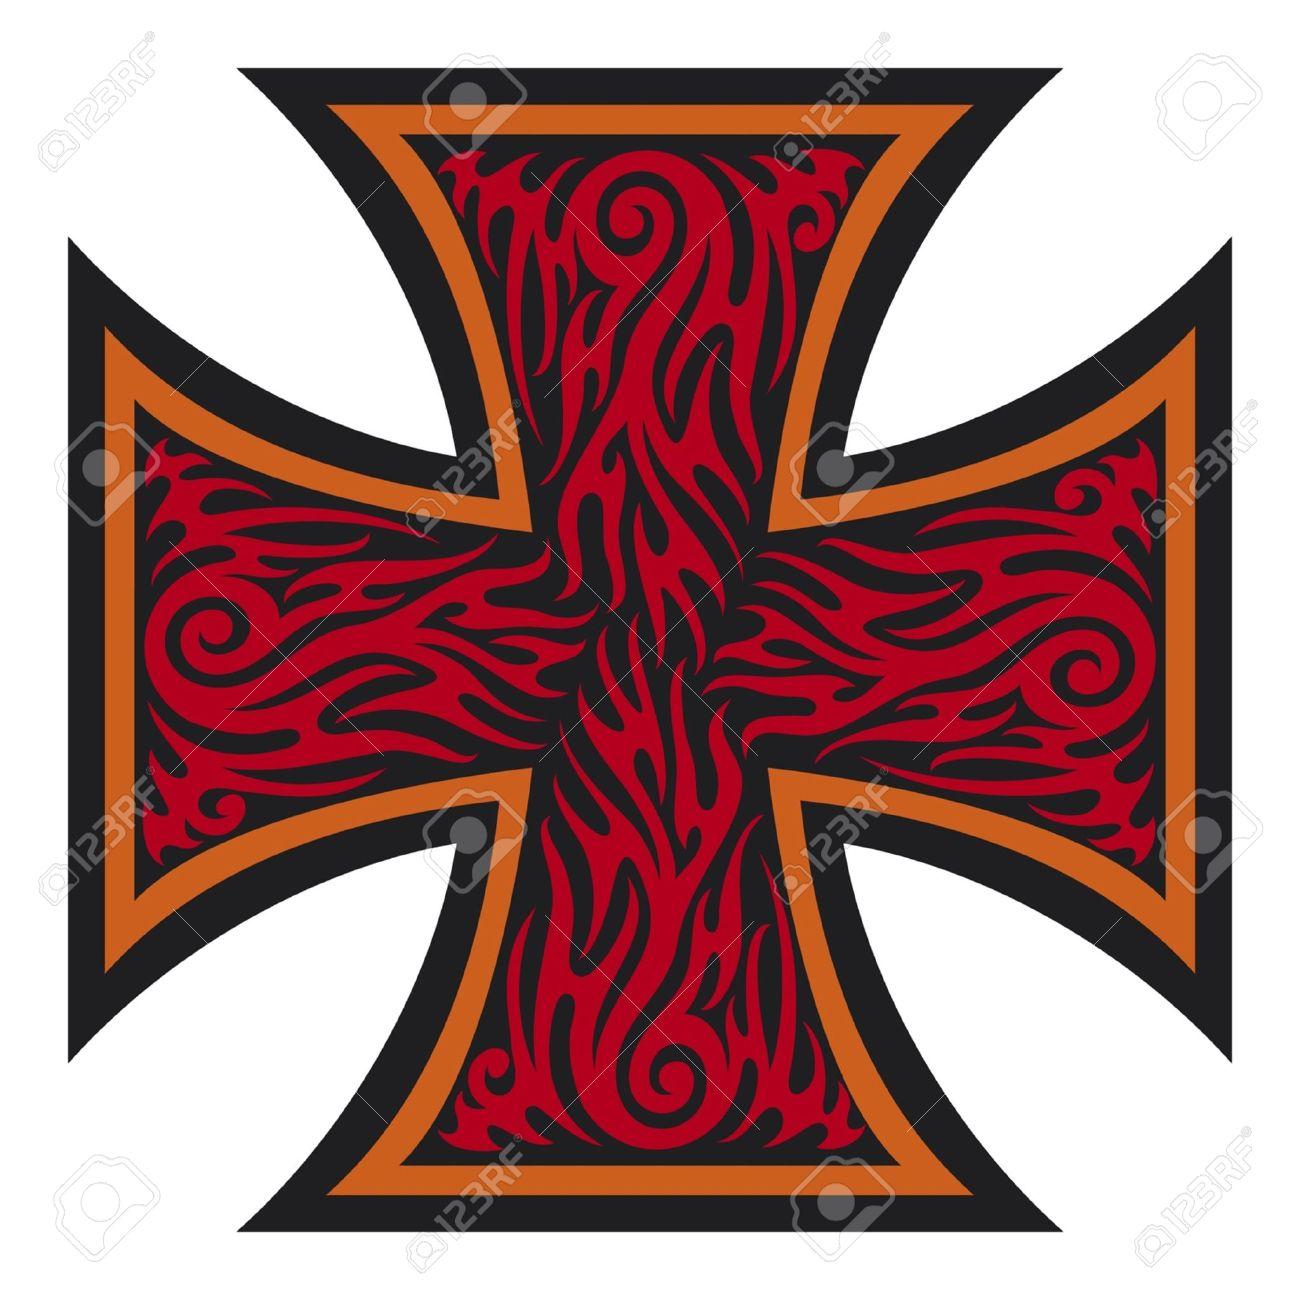 iron cross tattoo style  tribal style Stock Vector - 14973320